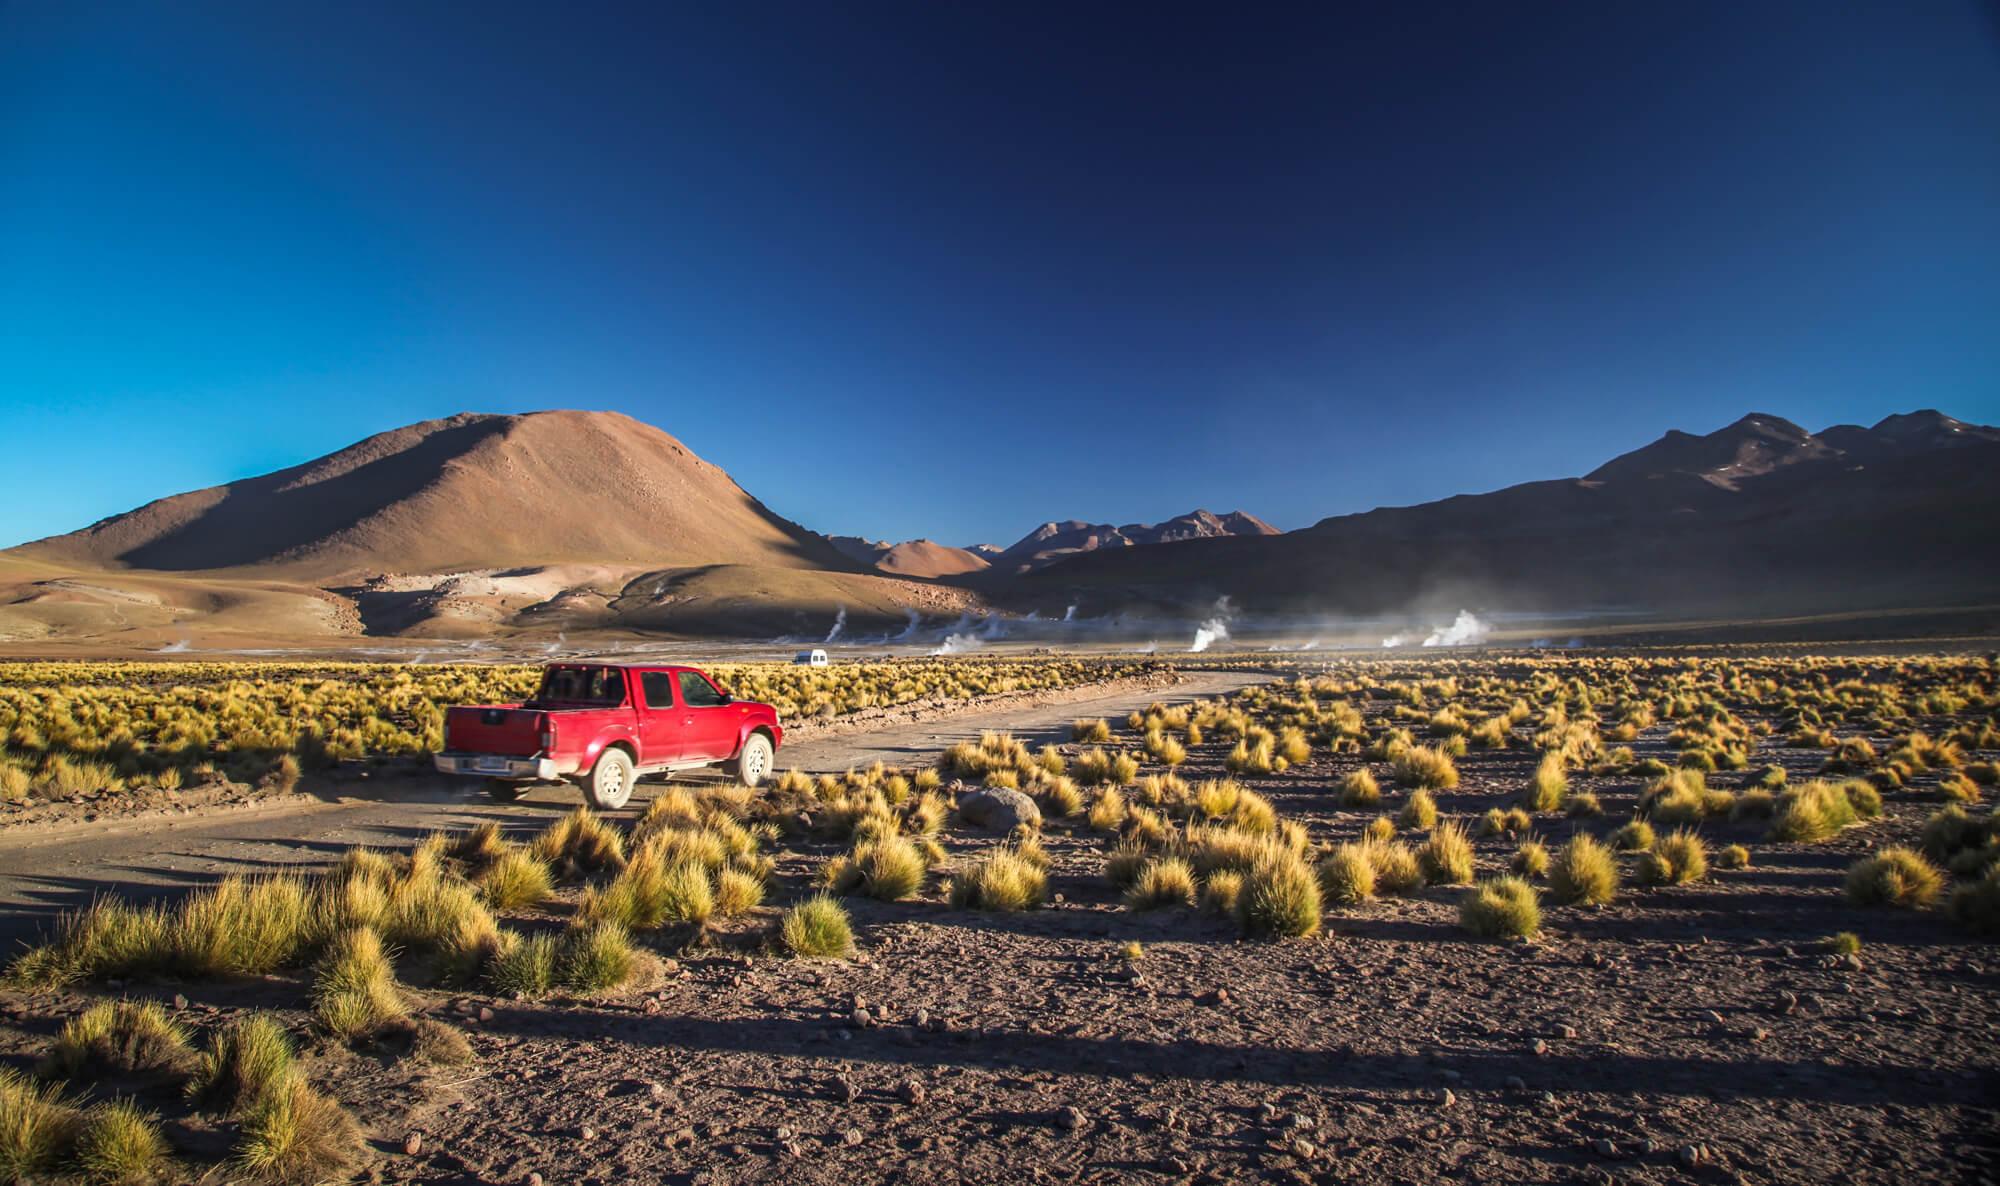 driving into El Tatio geysers